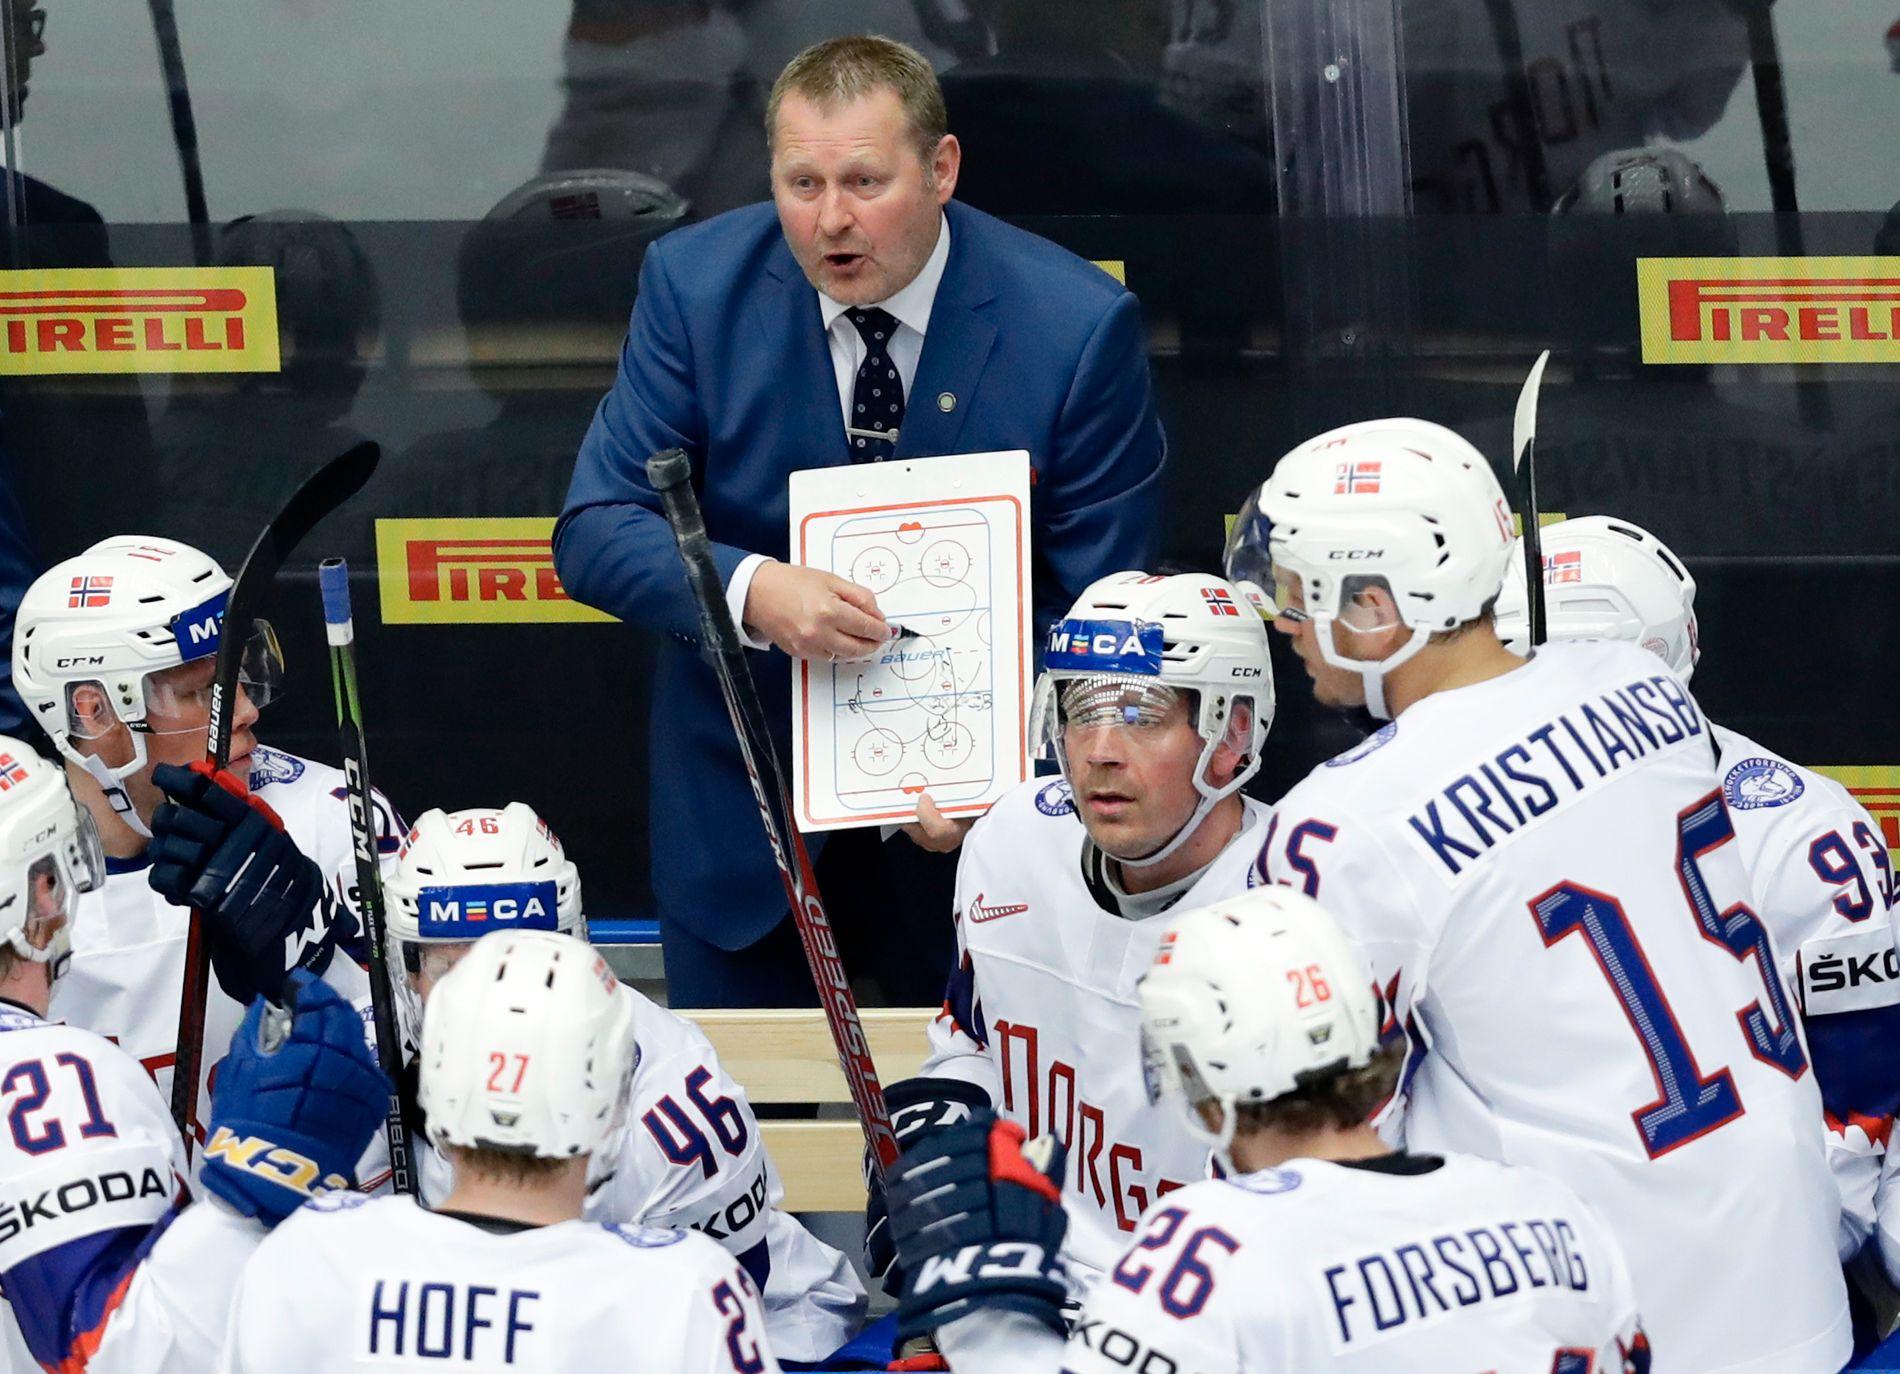 VM-SMELL: Landslagstrener Petter Thoresen forsøker å få mannskapet sitt på rett kjøl under VM-kampen mot Finland i Herning 8. mai. Den endte med tap 0–7.